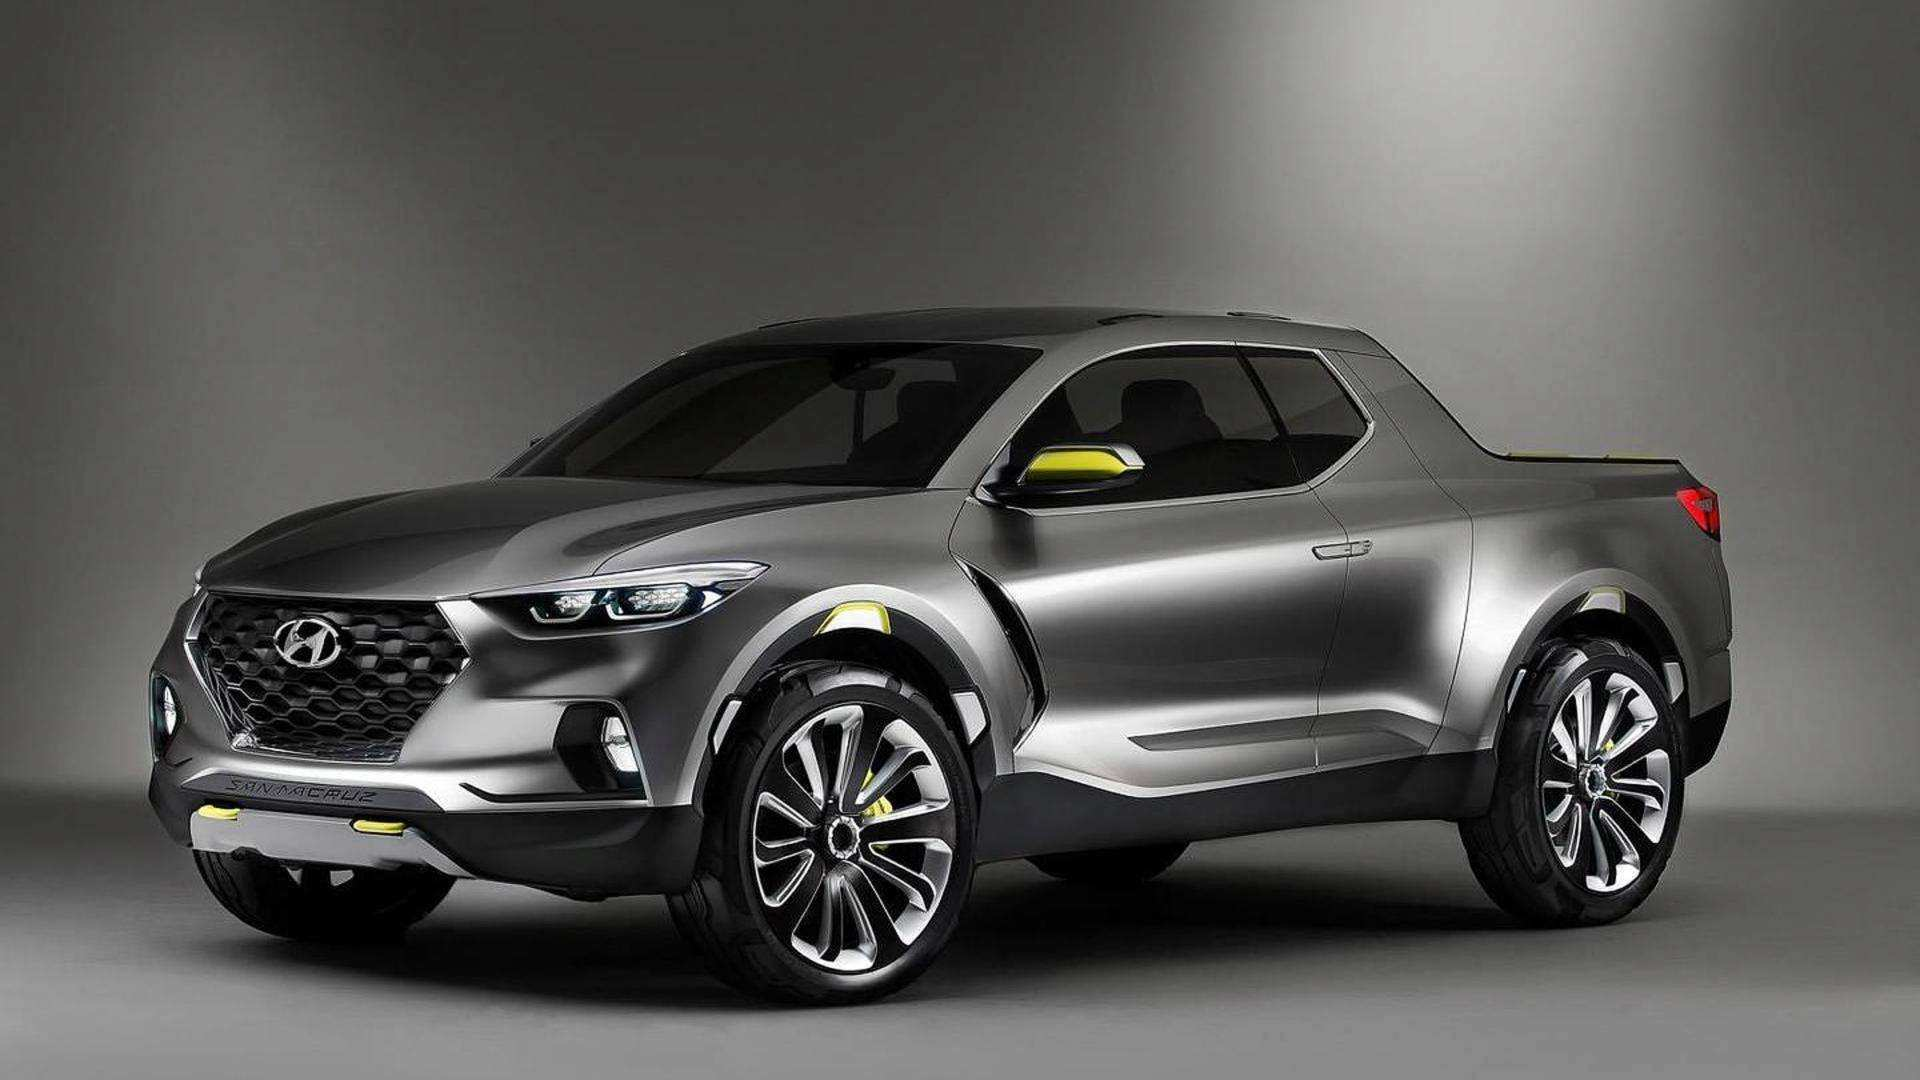 48 Gallery of 2020 Hyundai Vehicles Engine with 2020 Hyundai Vehicles